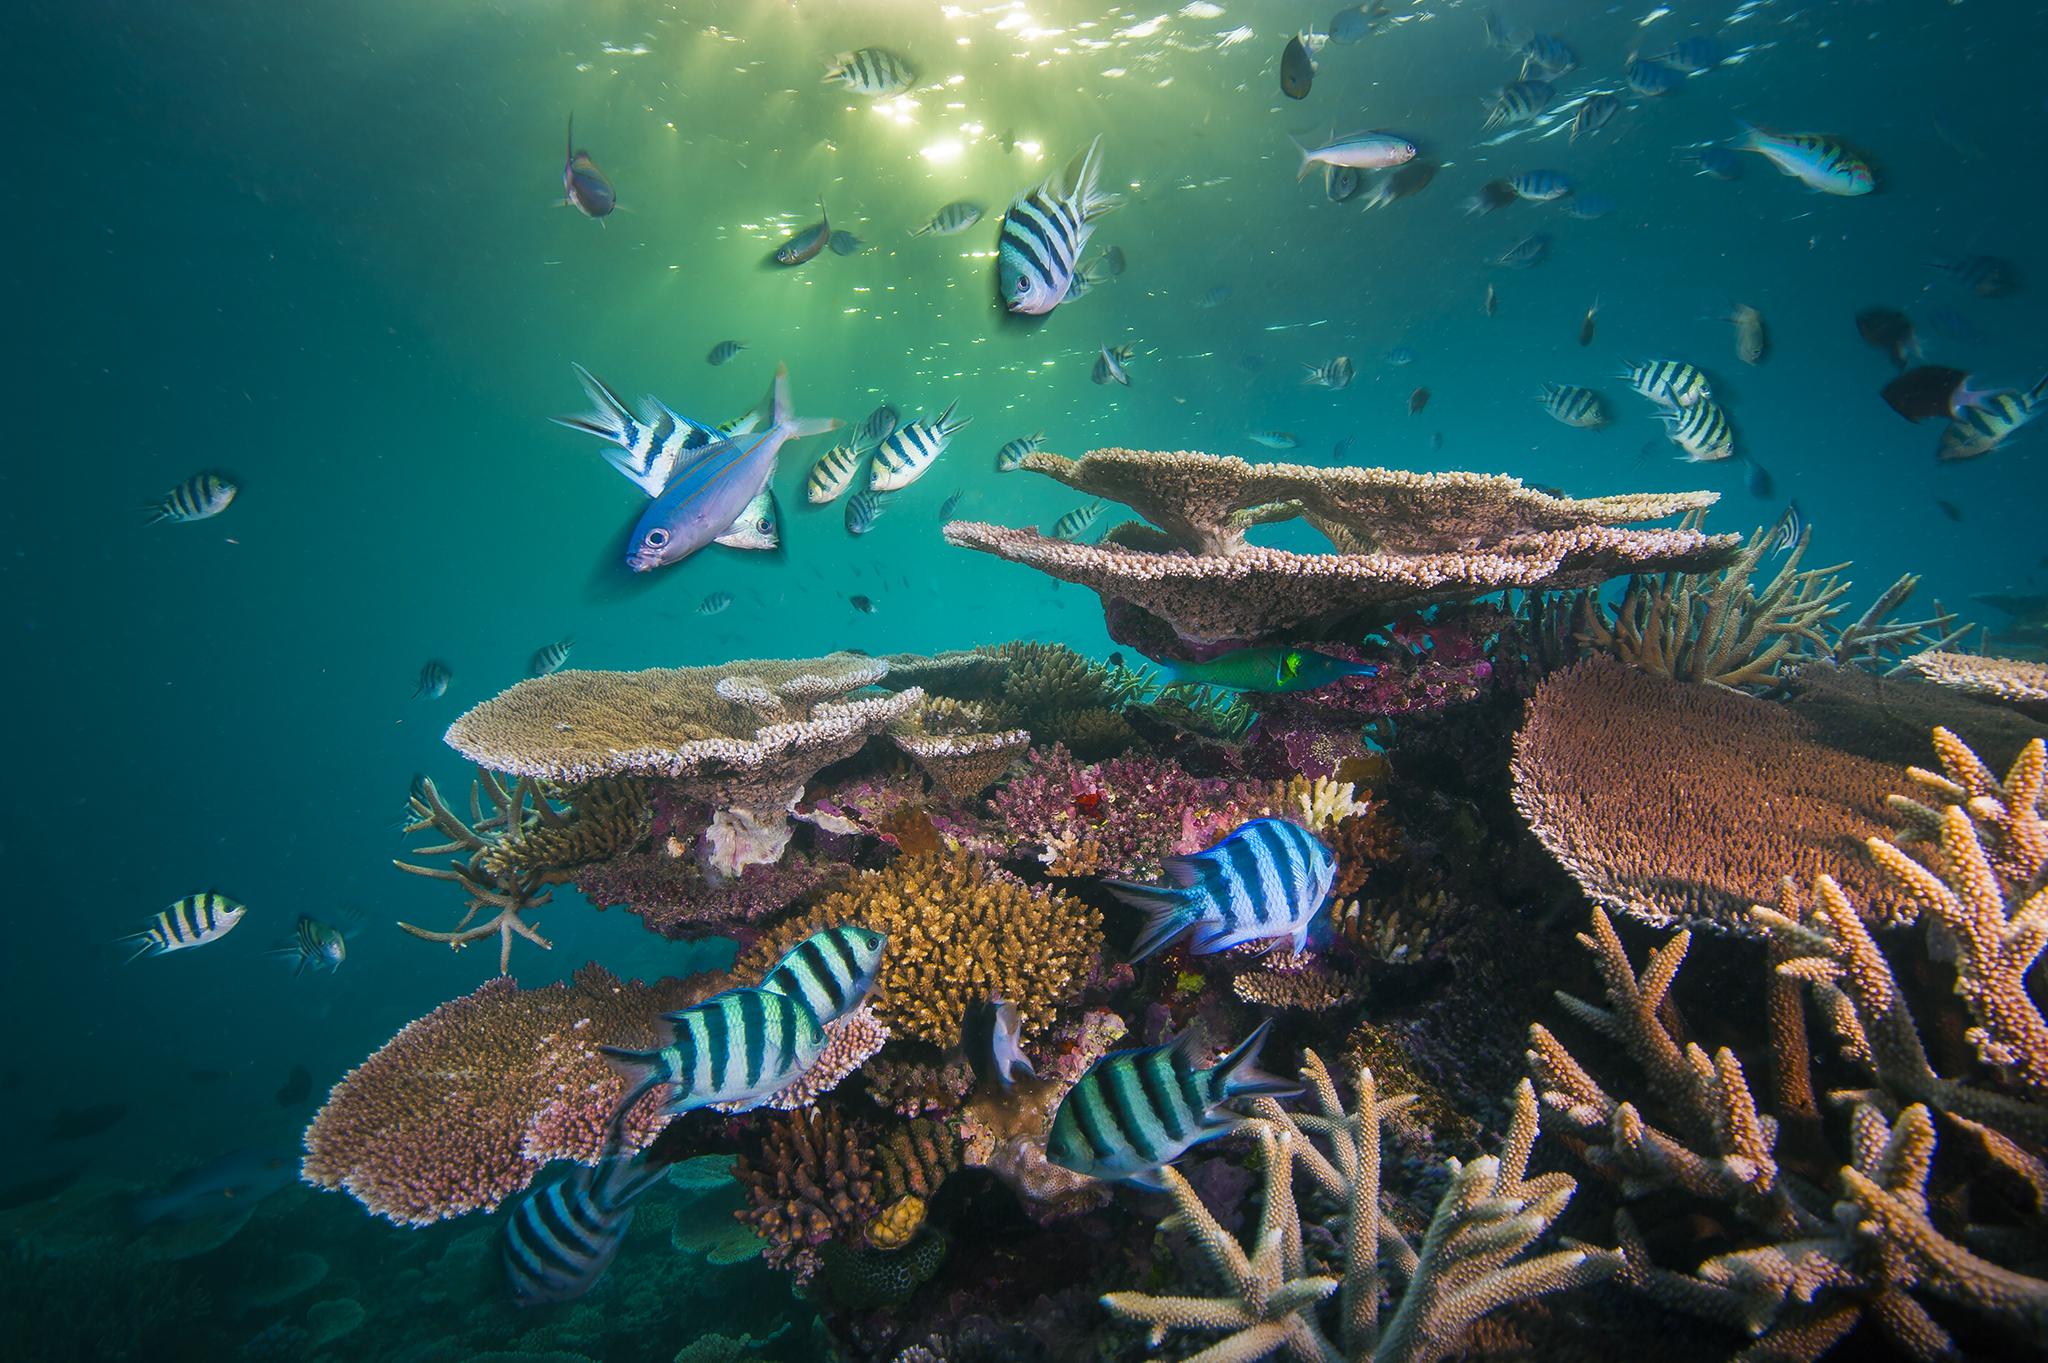 Lever de soleil sur le récif. Les récifs coralliens sont comme des villes dans la mer, pleins de vie et de créatures qui y vivent. Ce recoin du récif d'Opale, dans la Grande Barrière de Corail, en Australie, regorgeait de vie jusqu'en 2017, lorsque le stress thermique a provoqué le blanchissement des coraux et leur mort. Nous surveillons et suivons l'évolution de ces sites coralliens dans le cadre d'un projet appelé Coral Through the Lens of Time (Coraux sous l'objectif du temps)